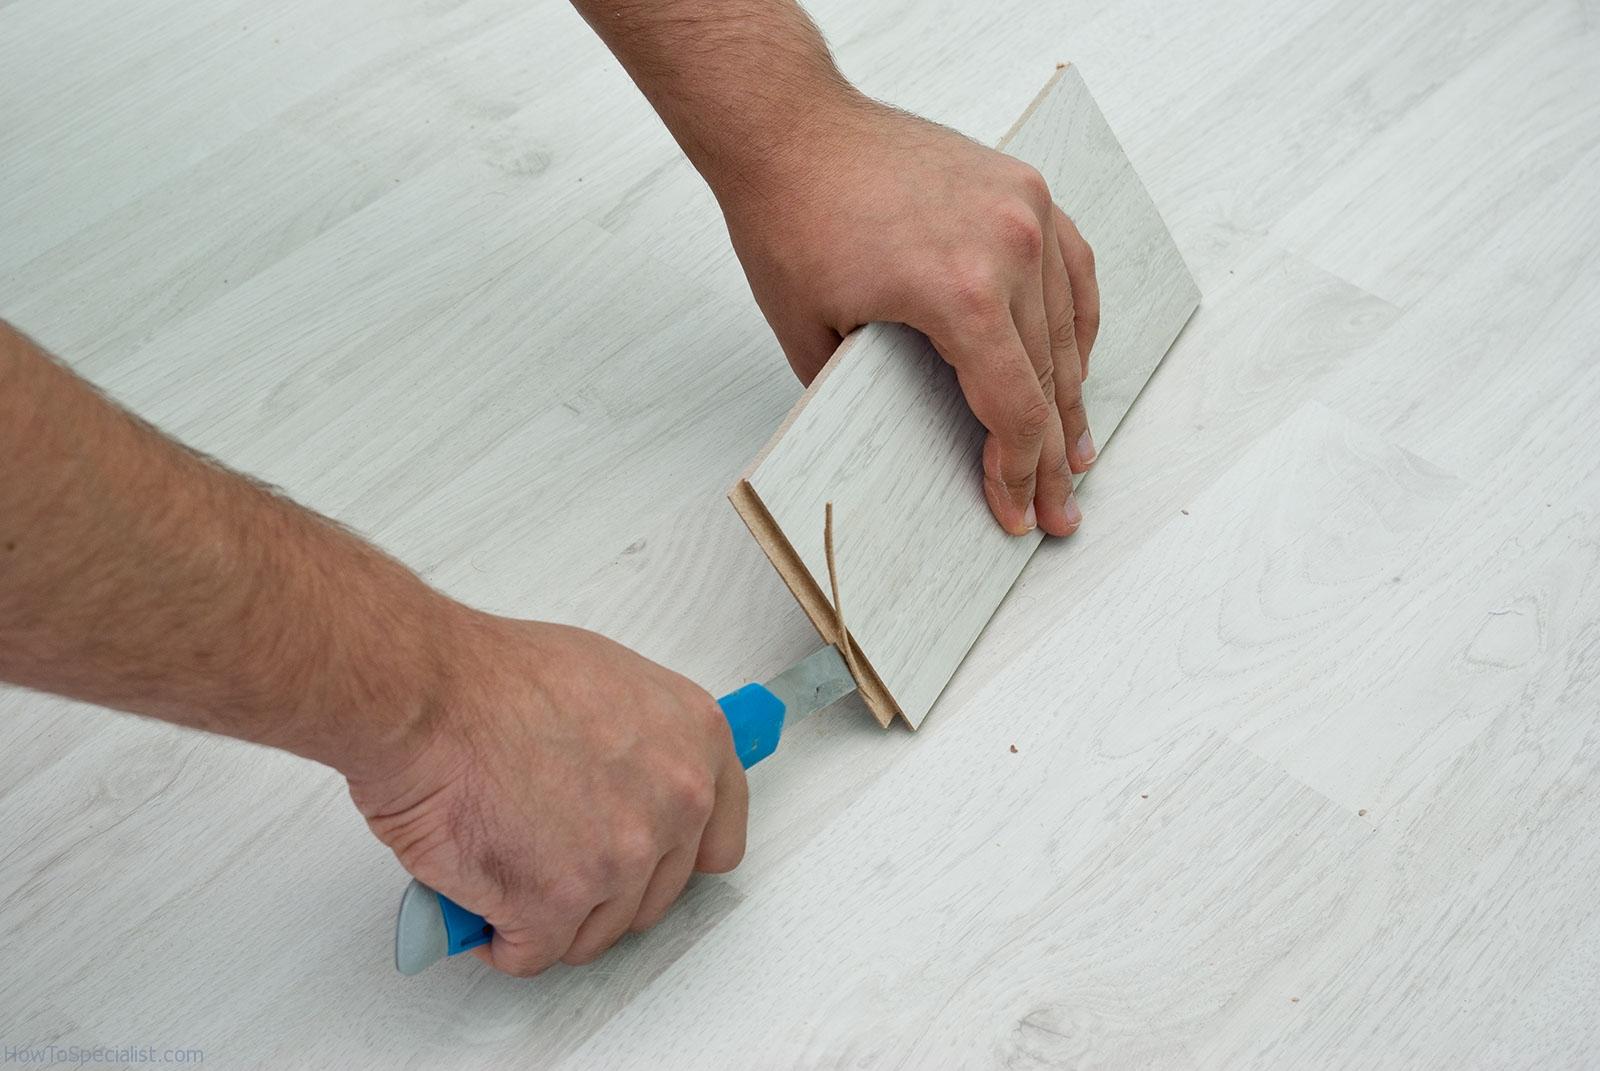 Best way to cut vinyl floor tiles